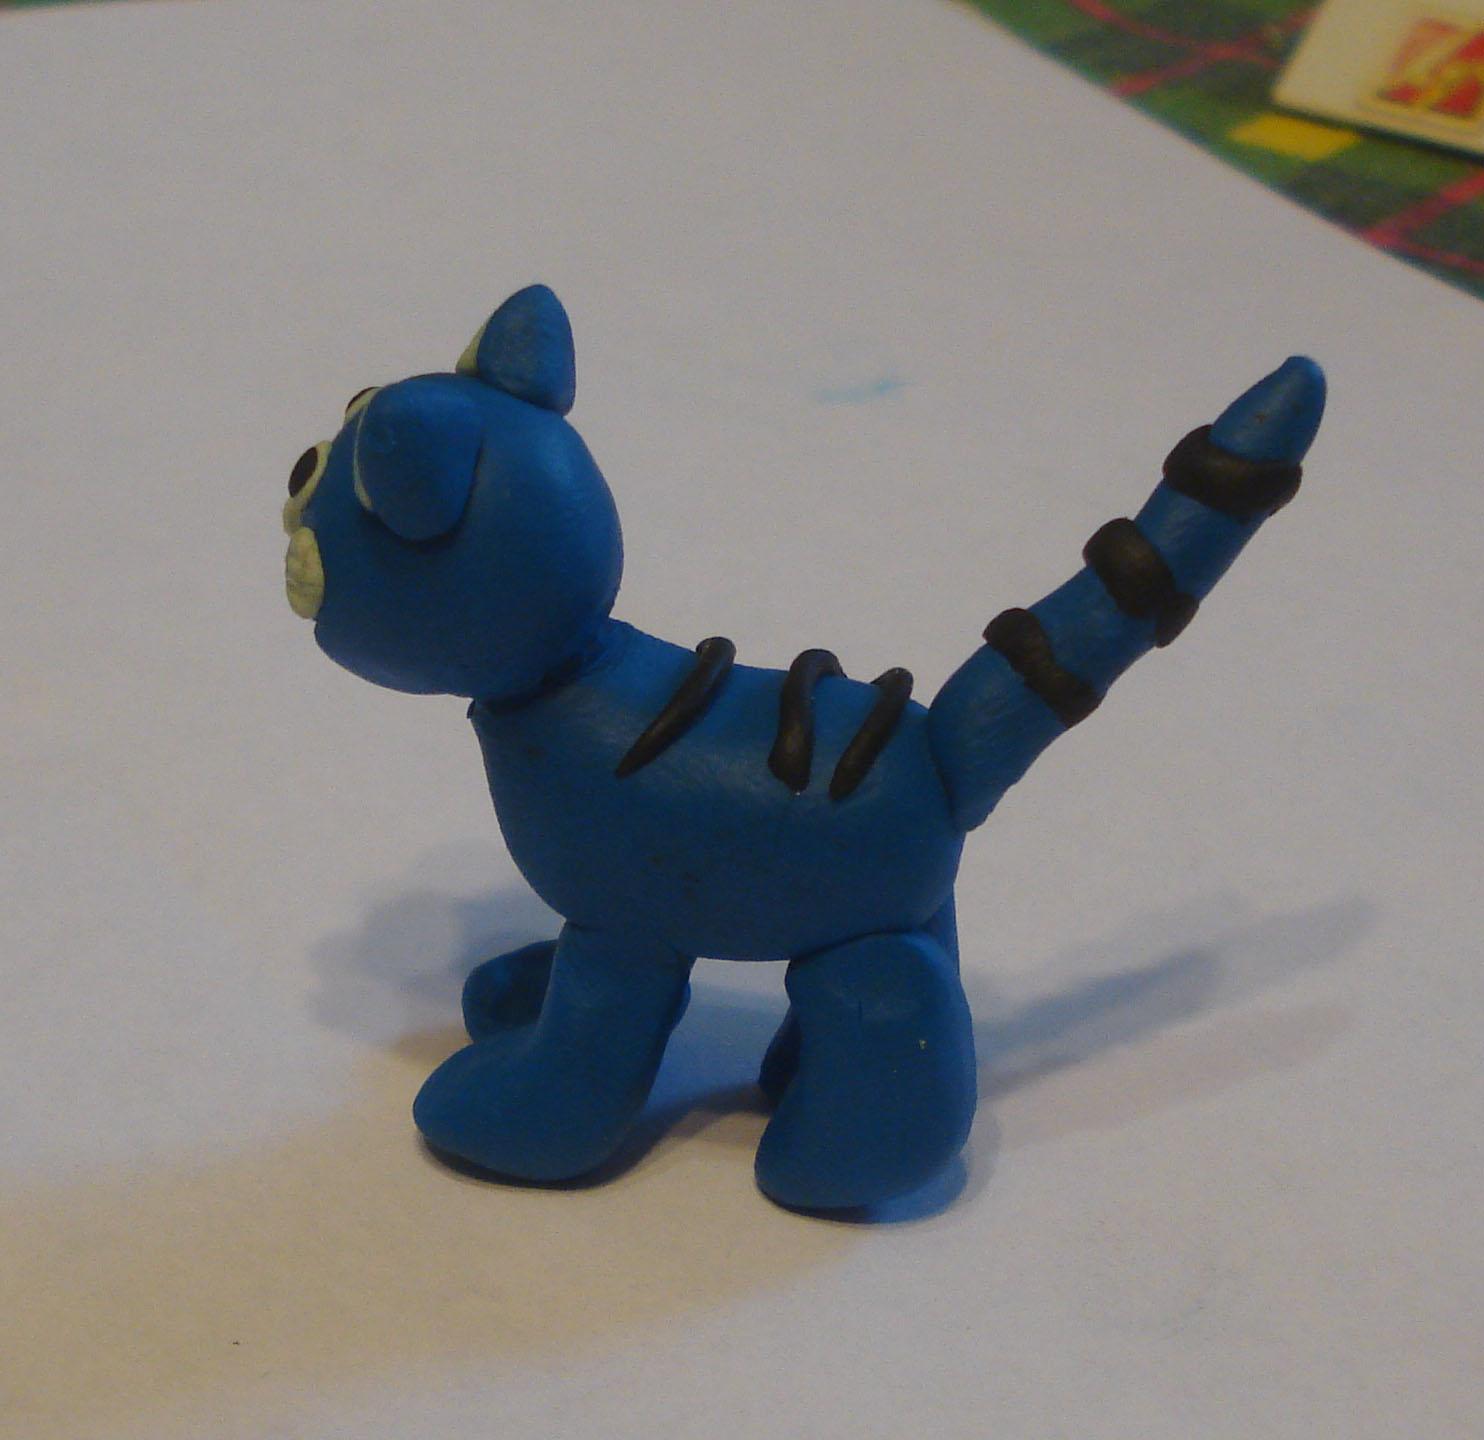 Как слепить из пластилина кота Гилберта?